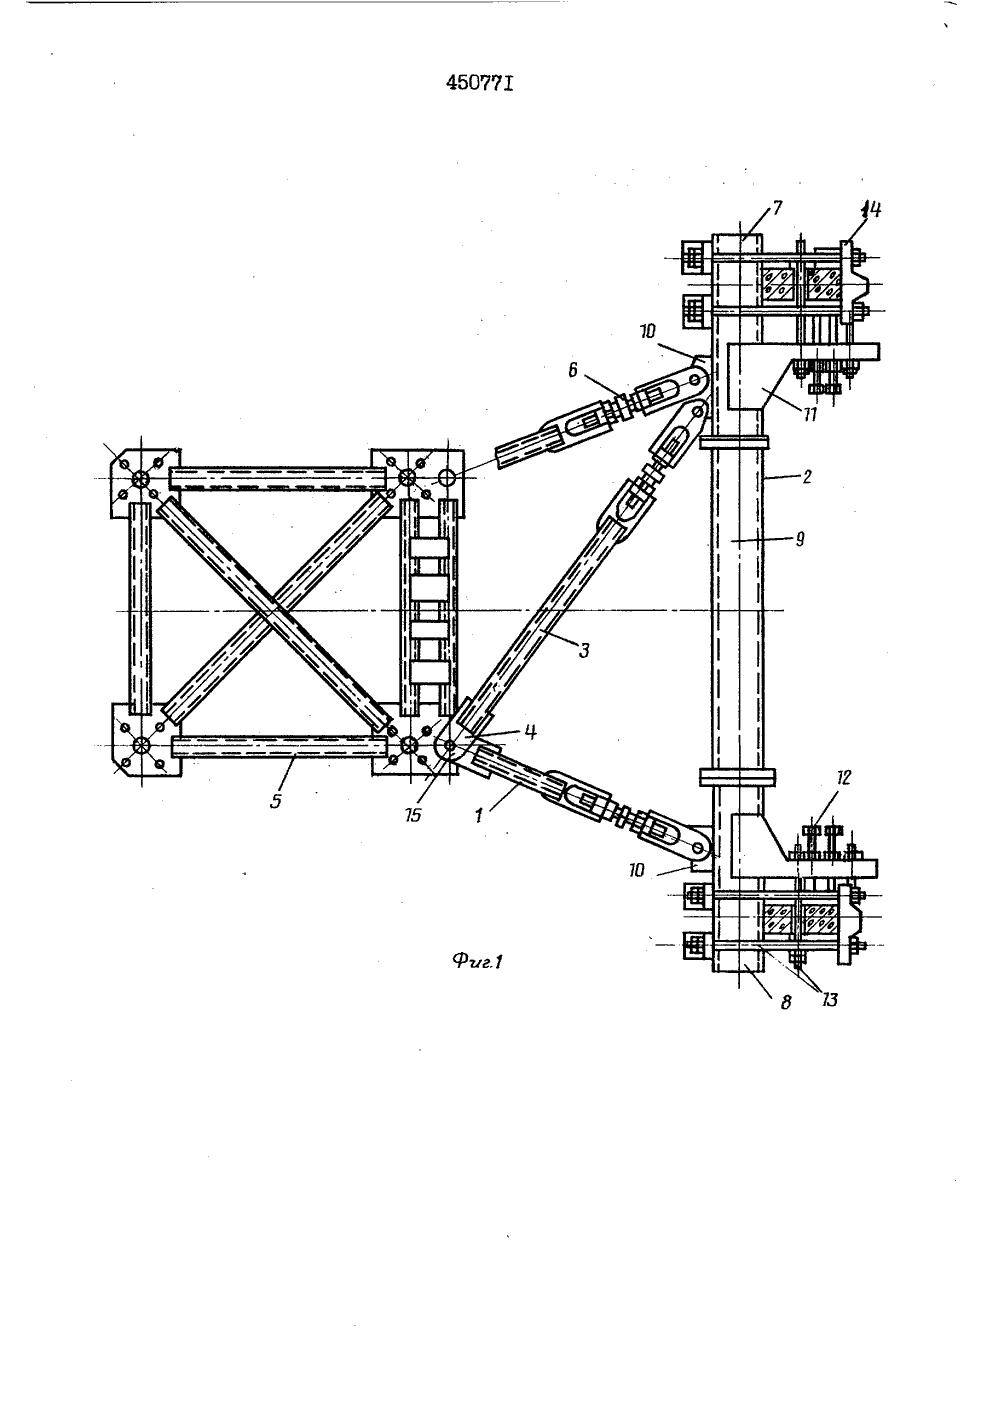 Сборка башенных кранов схема